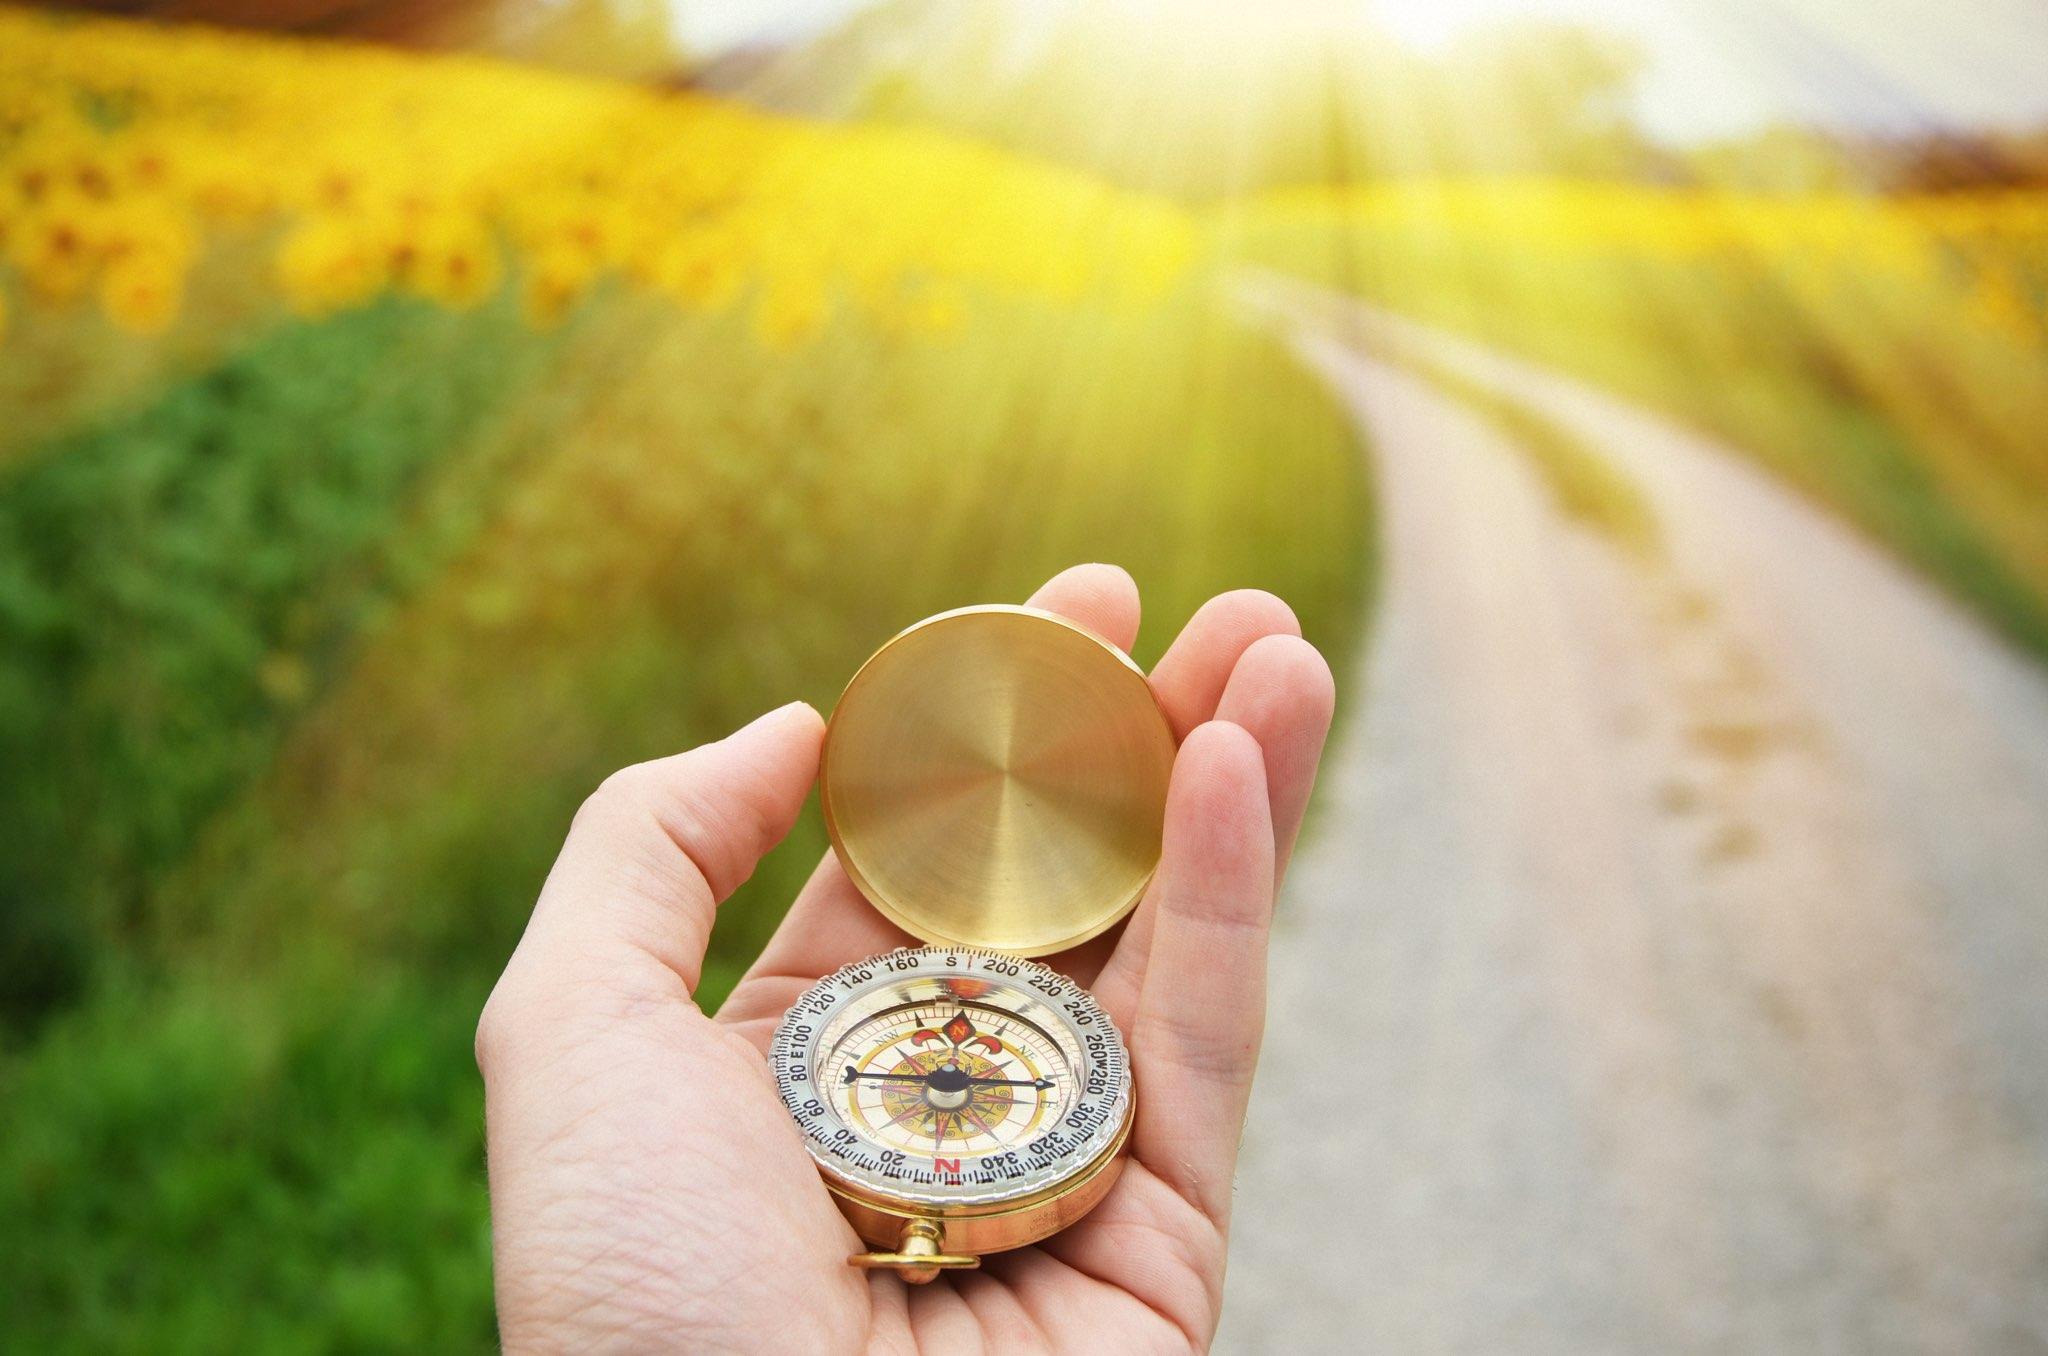 Надежда наш компас земной